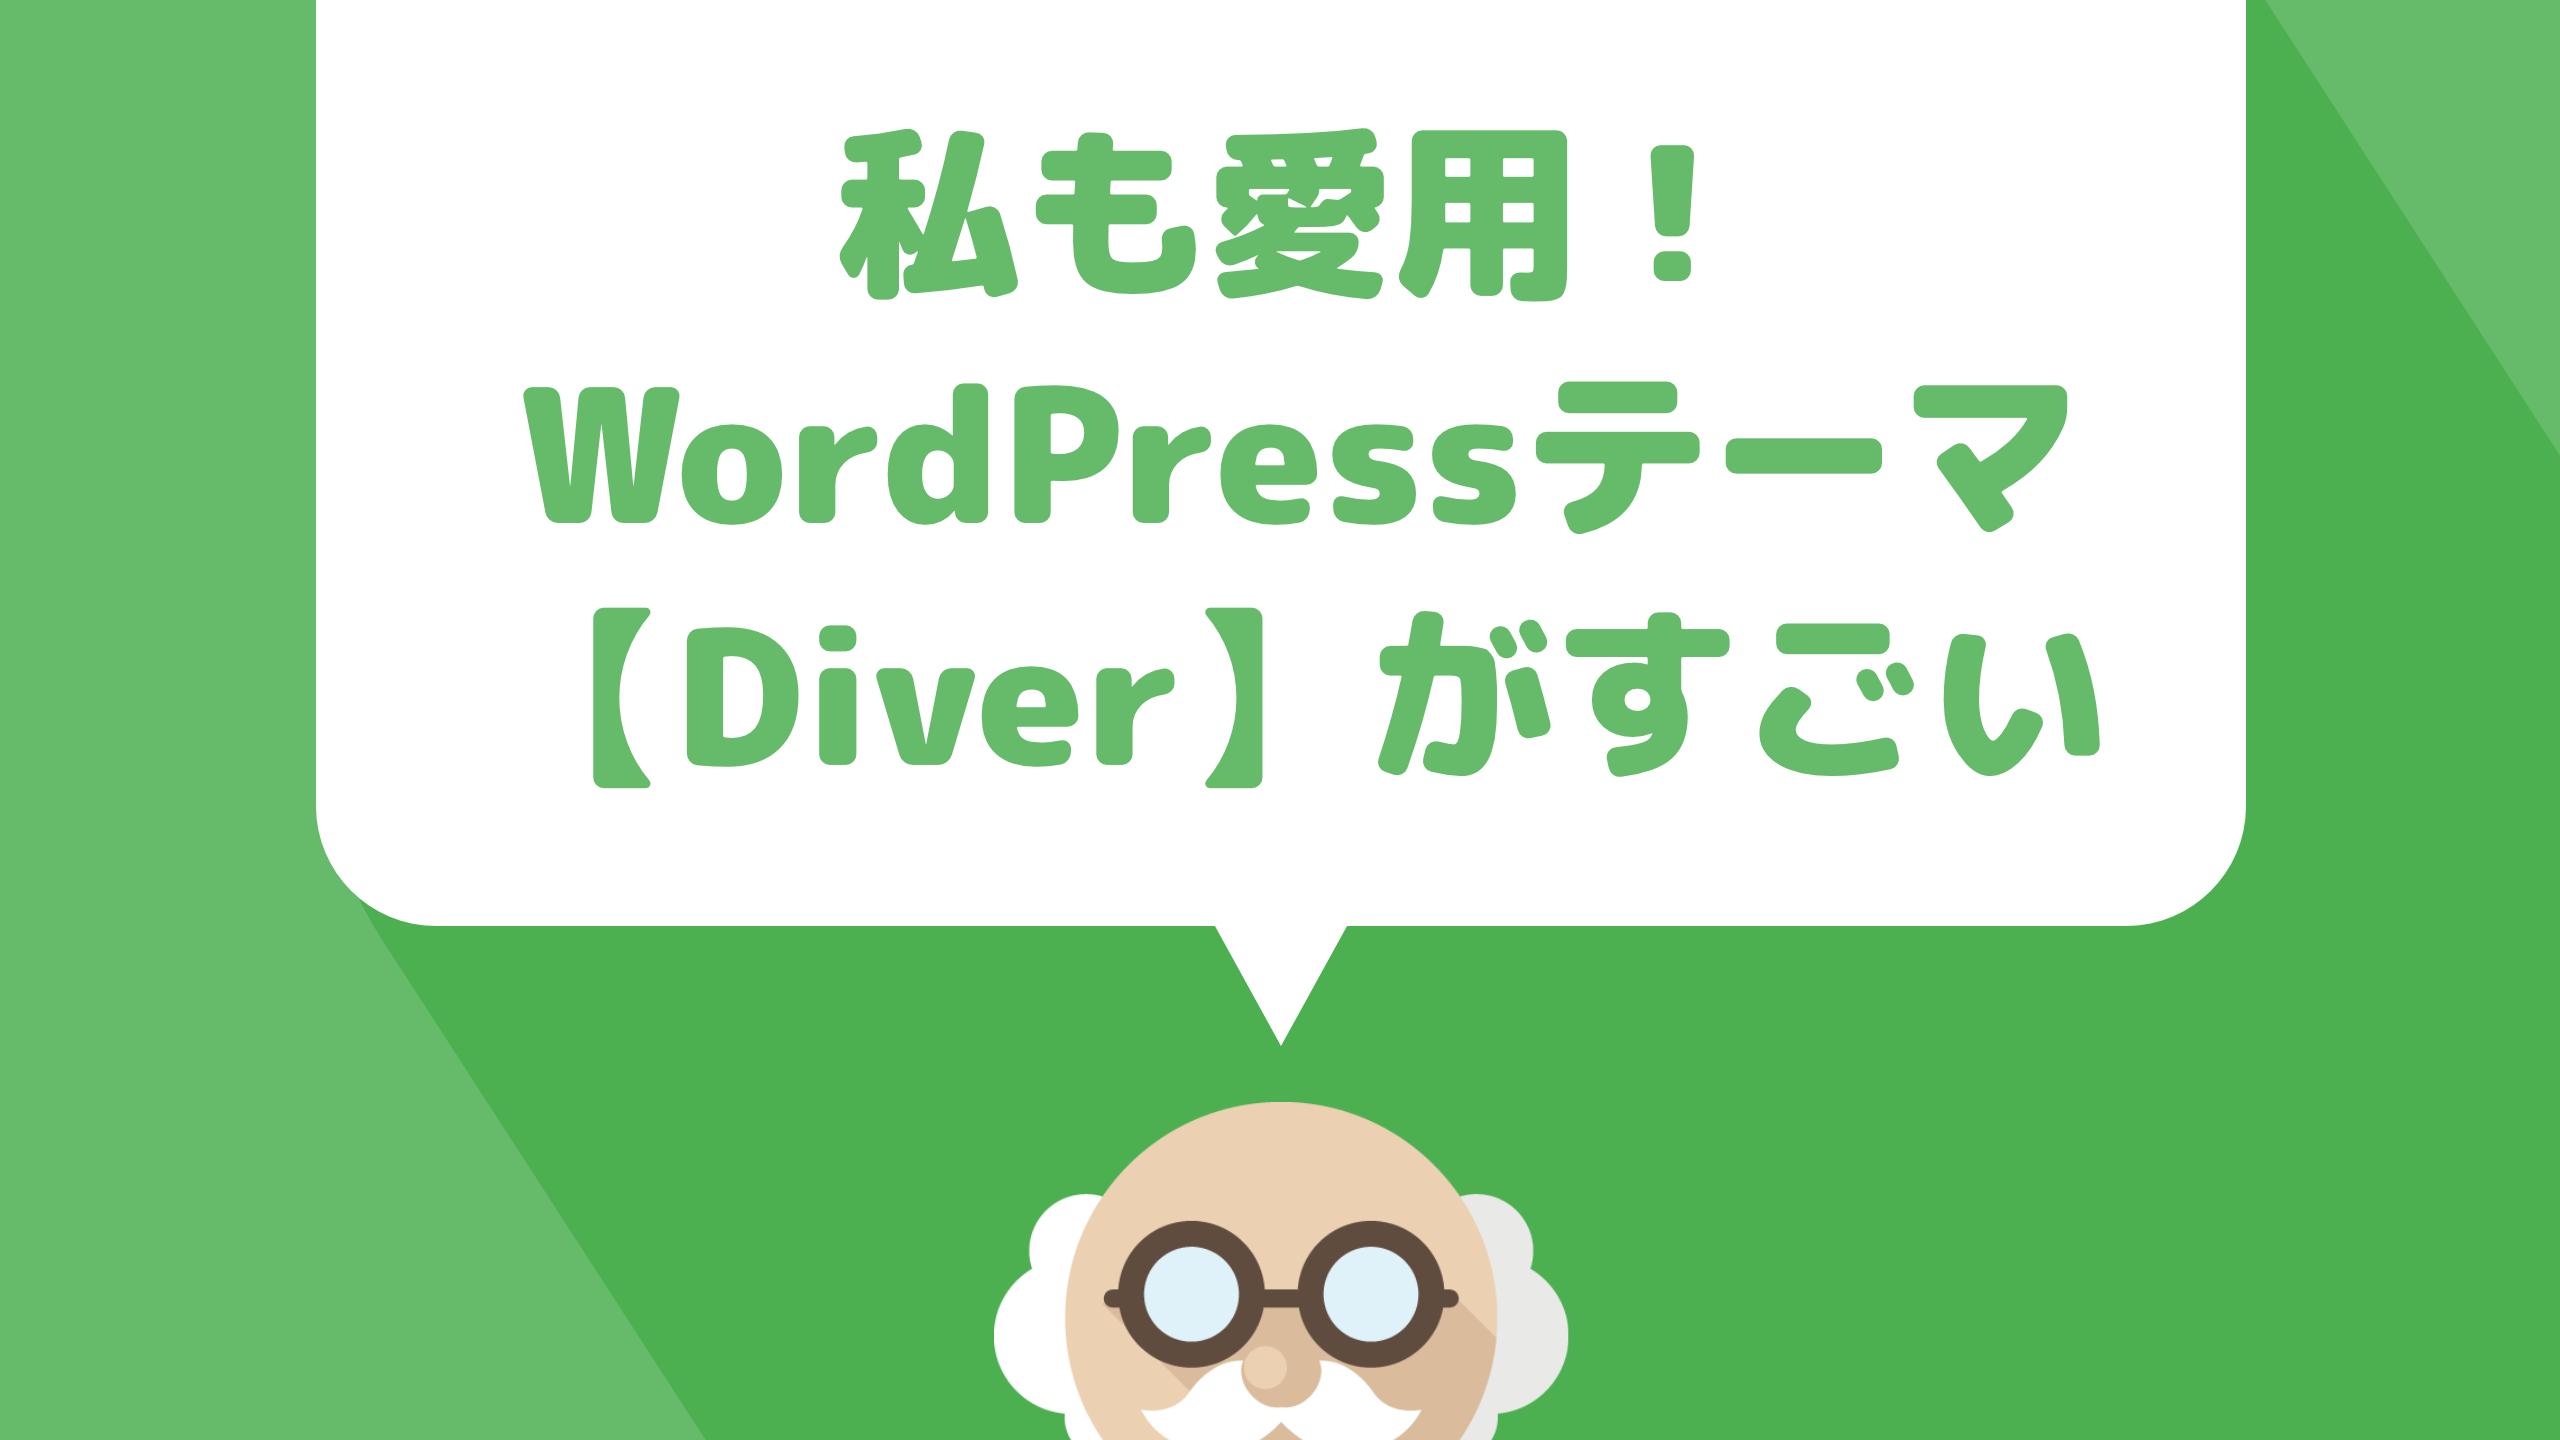 ブログを書くならWordPressテーマ【Diver】が超おすすめ!使い方や便利なカスタマイズ機能を紹介!